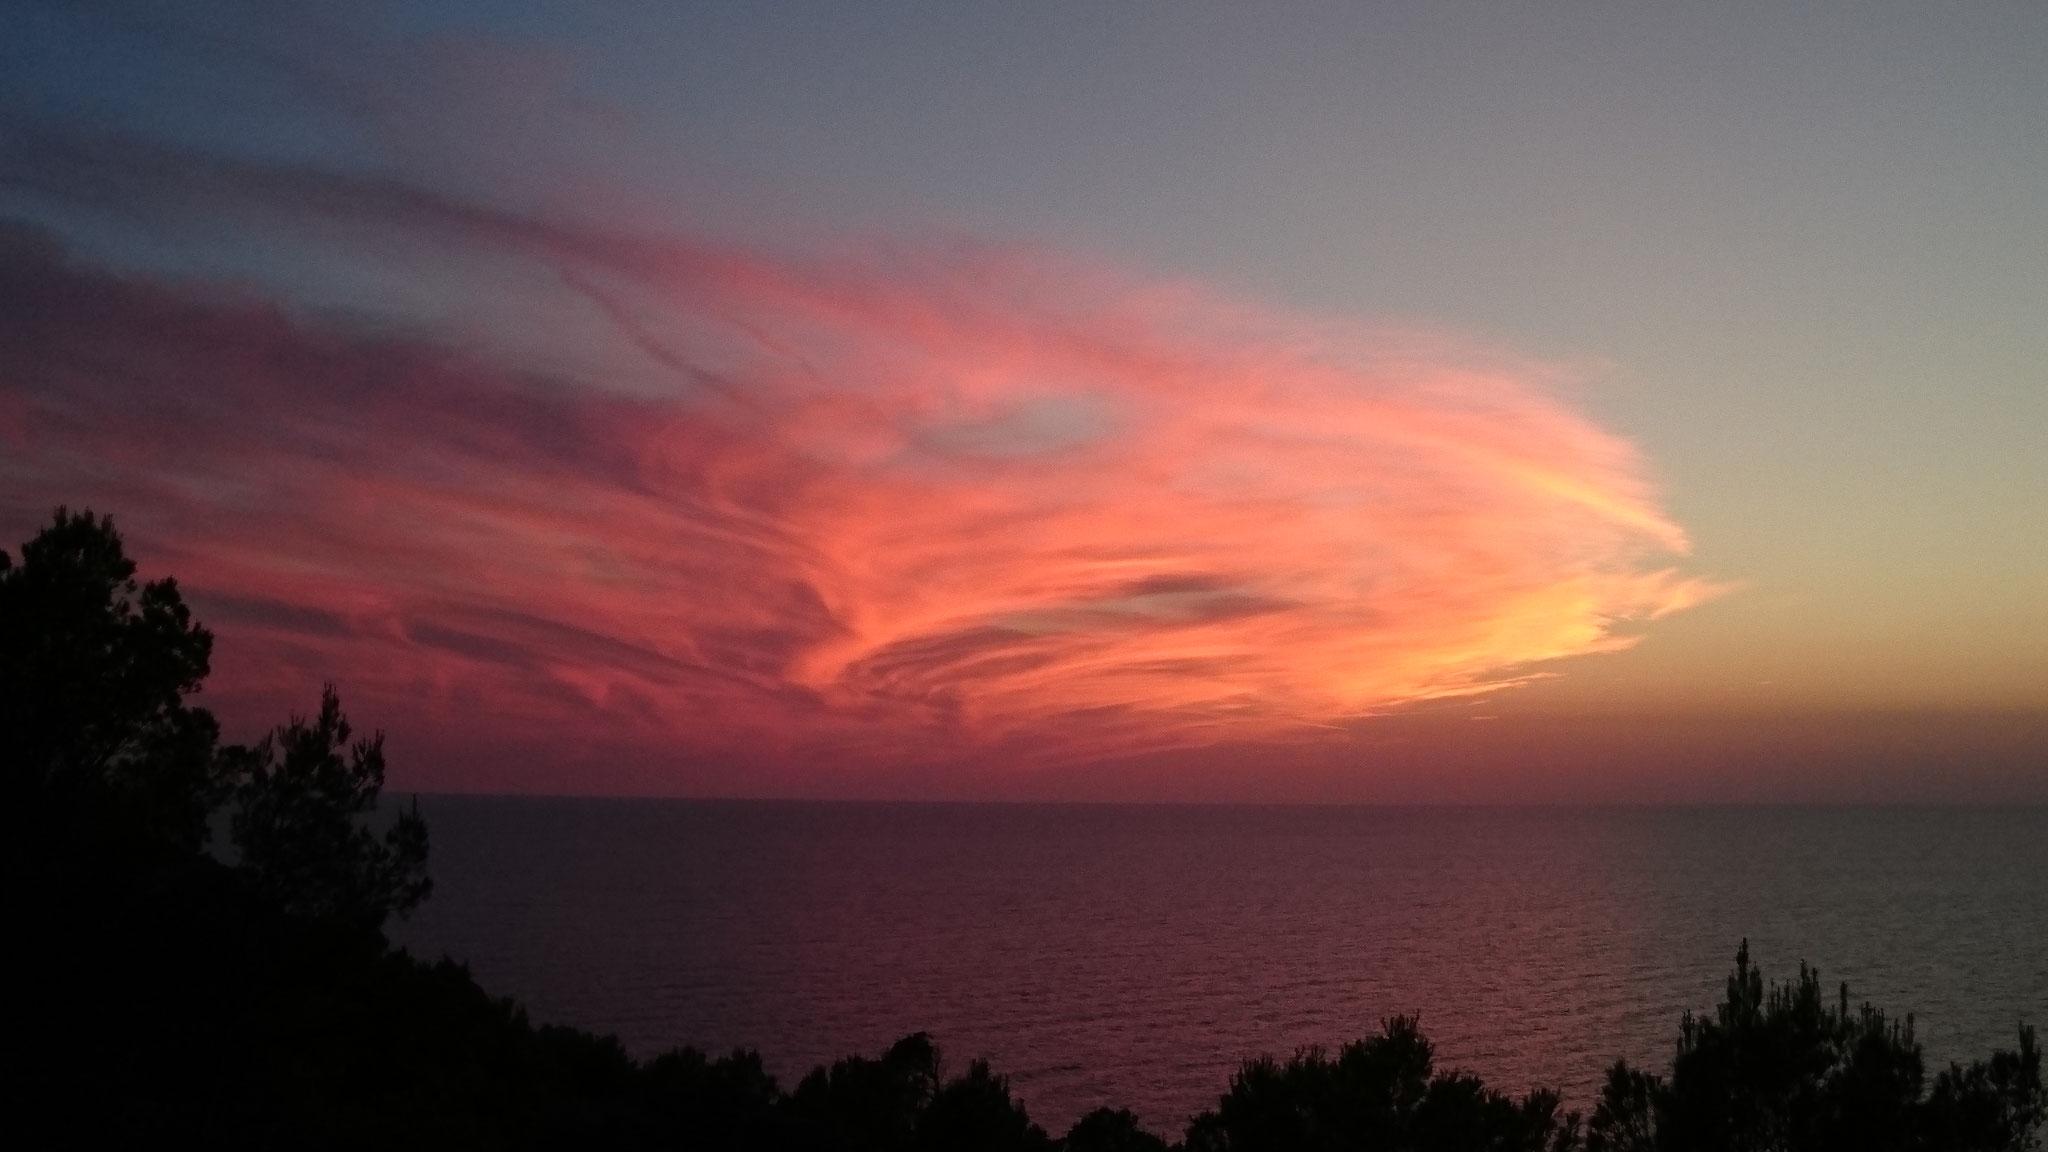 Sonnenuntergangsstimmung am Leuchturm